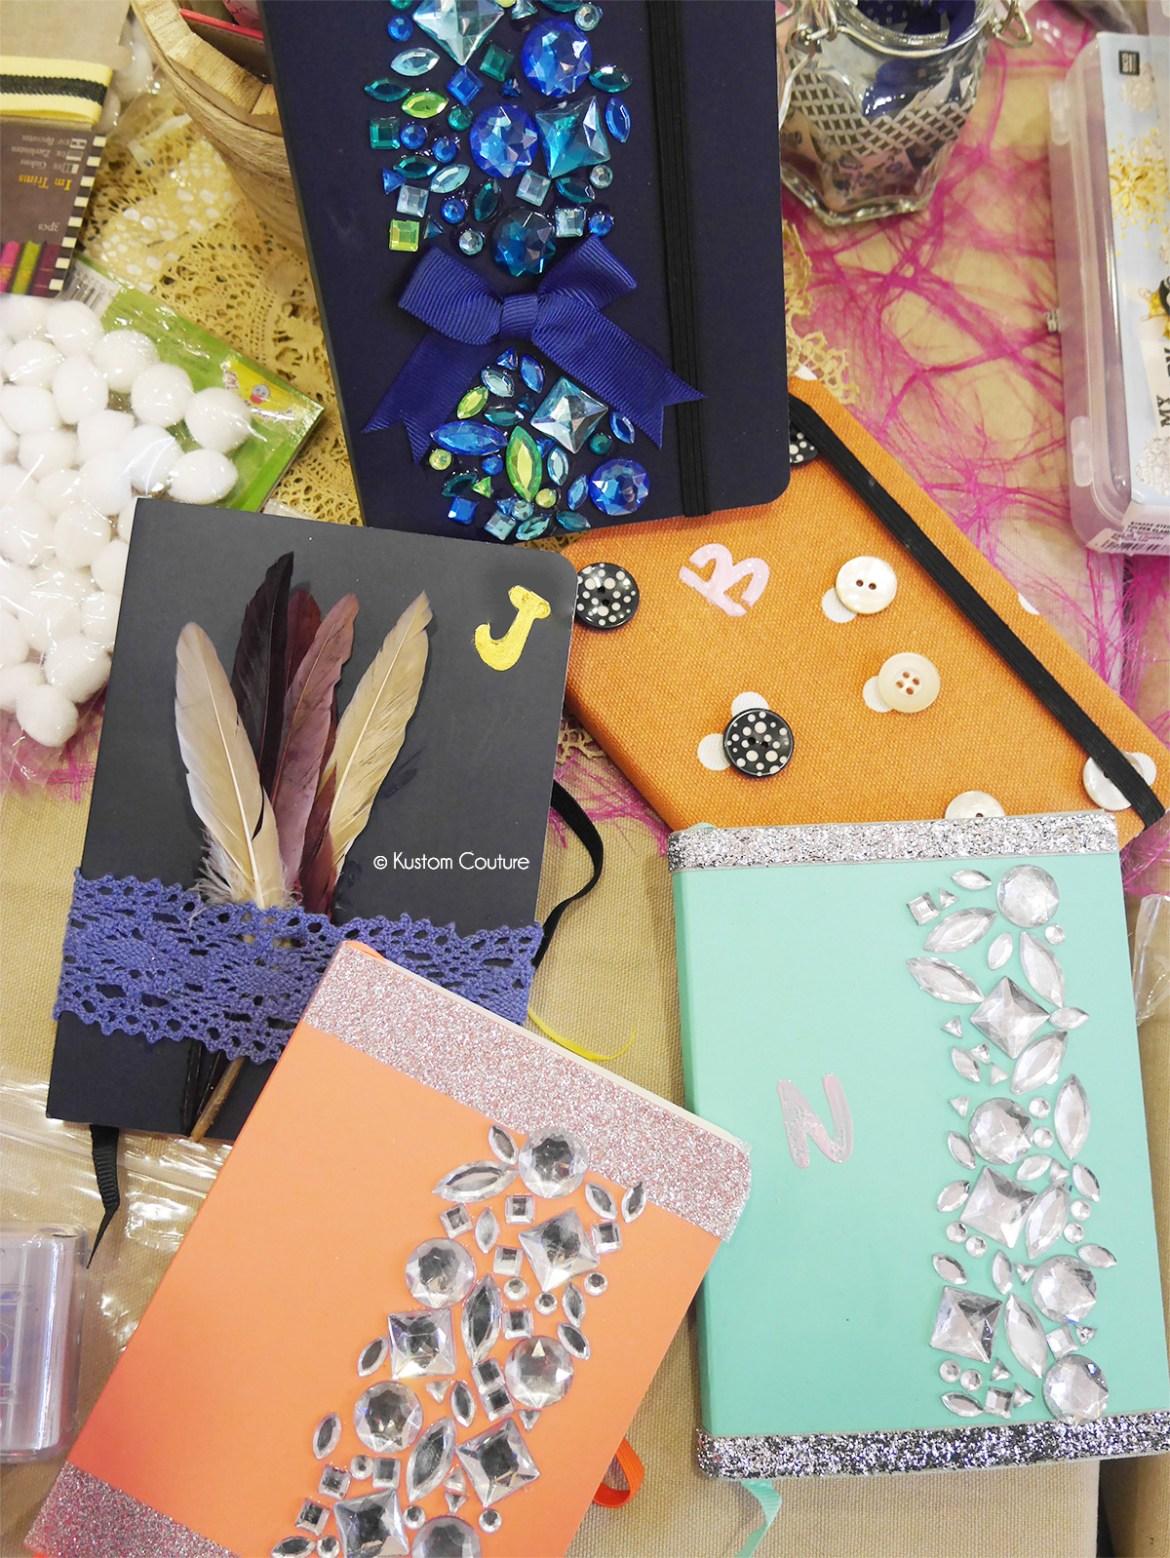 Idée cadeau DIY | Carnet personnalisé | Kustom Couture